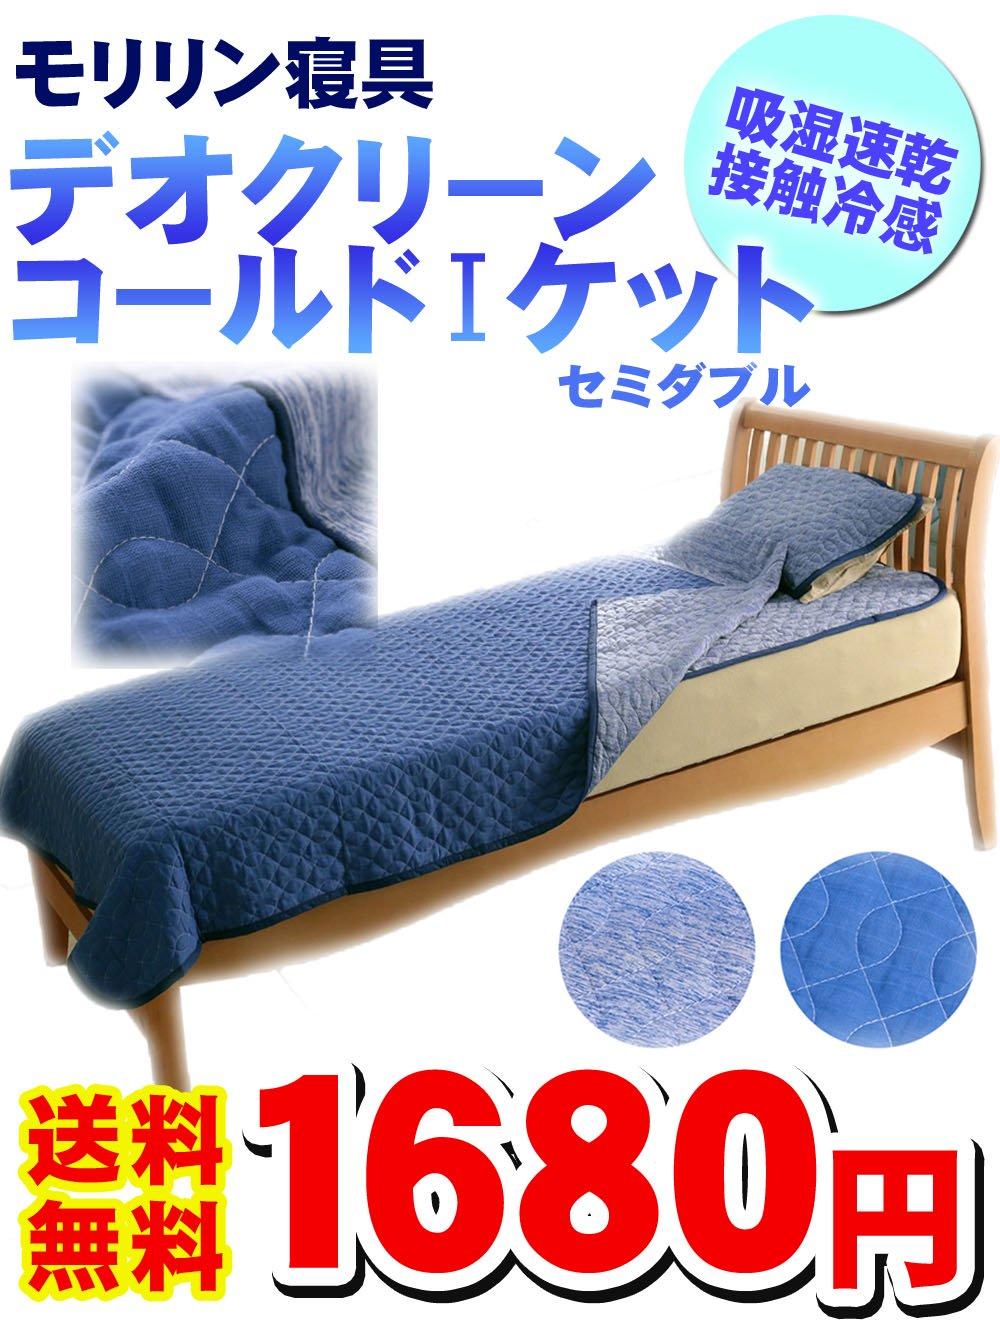 【送料無料】 モリリン寝具 デオクリーンコールド�ケット <セミダブル>【1680円】